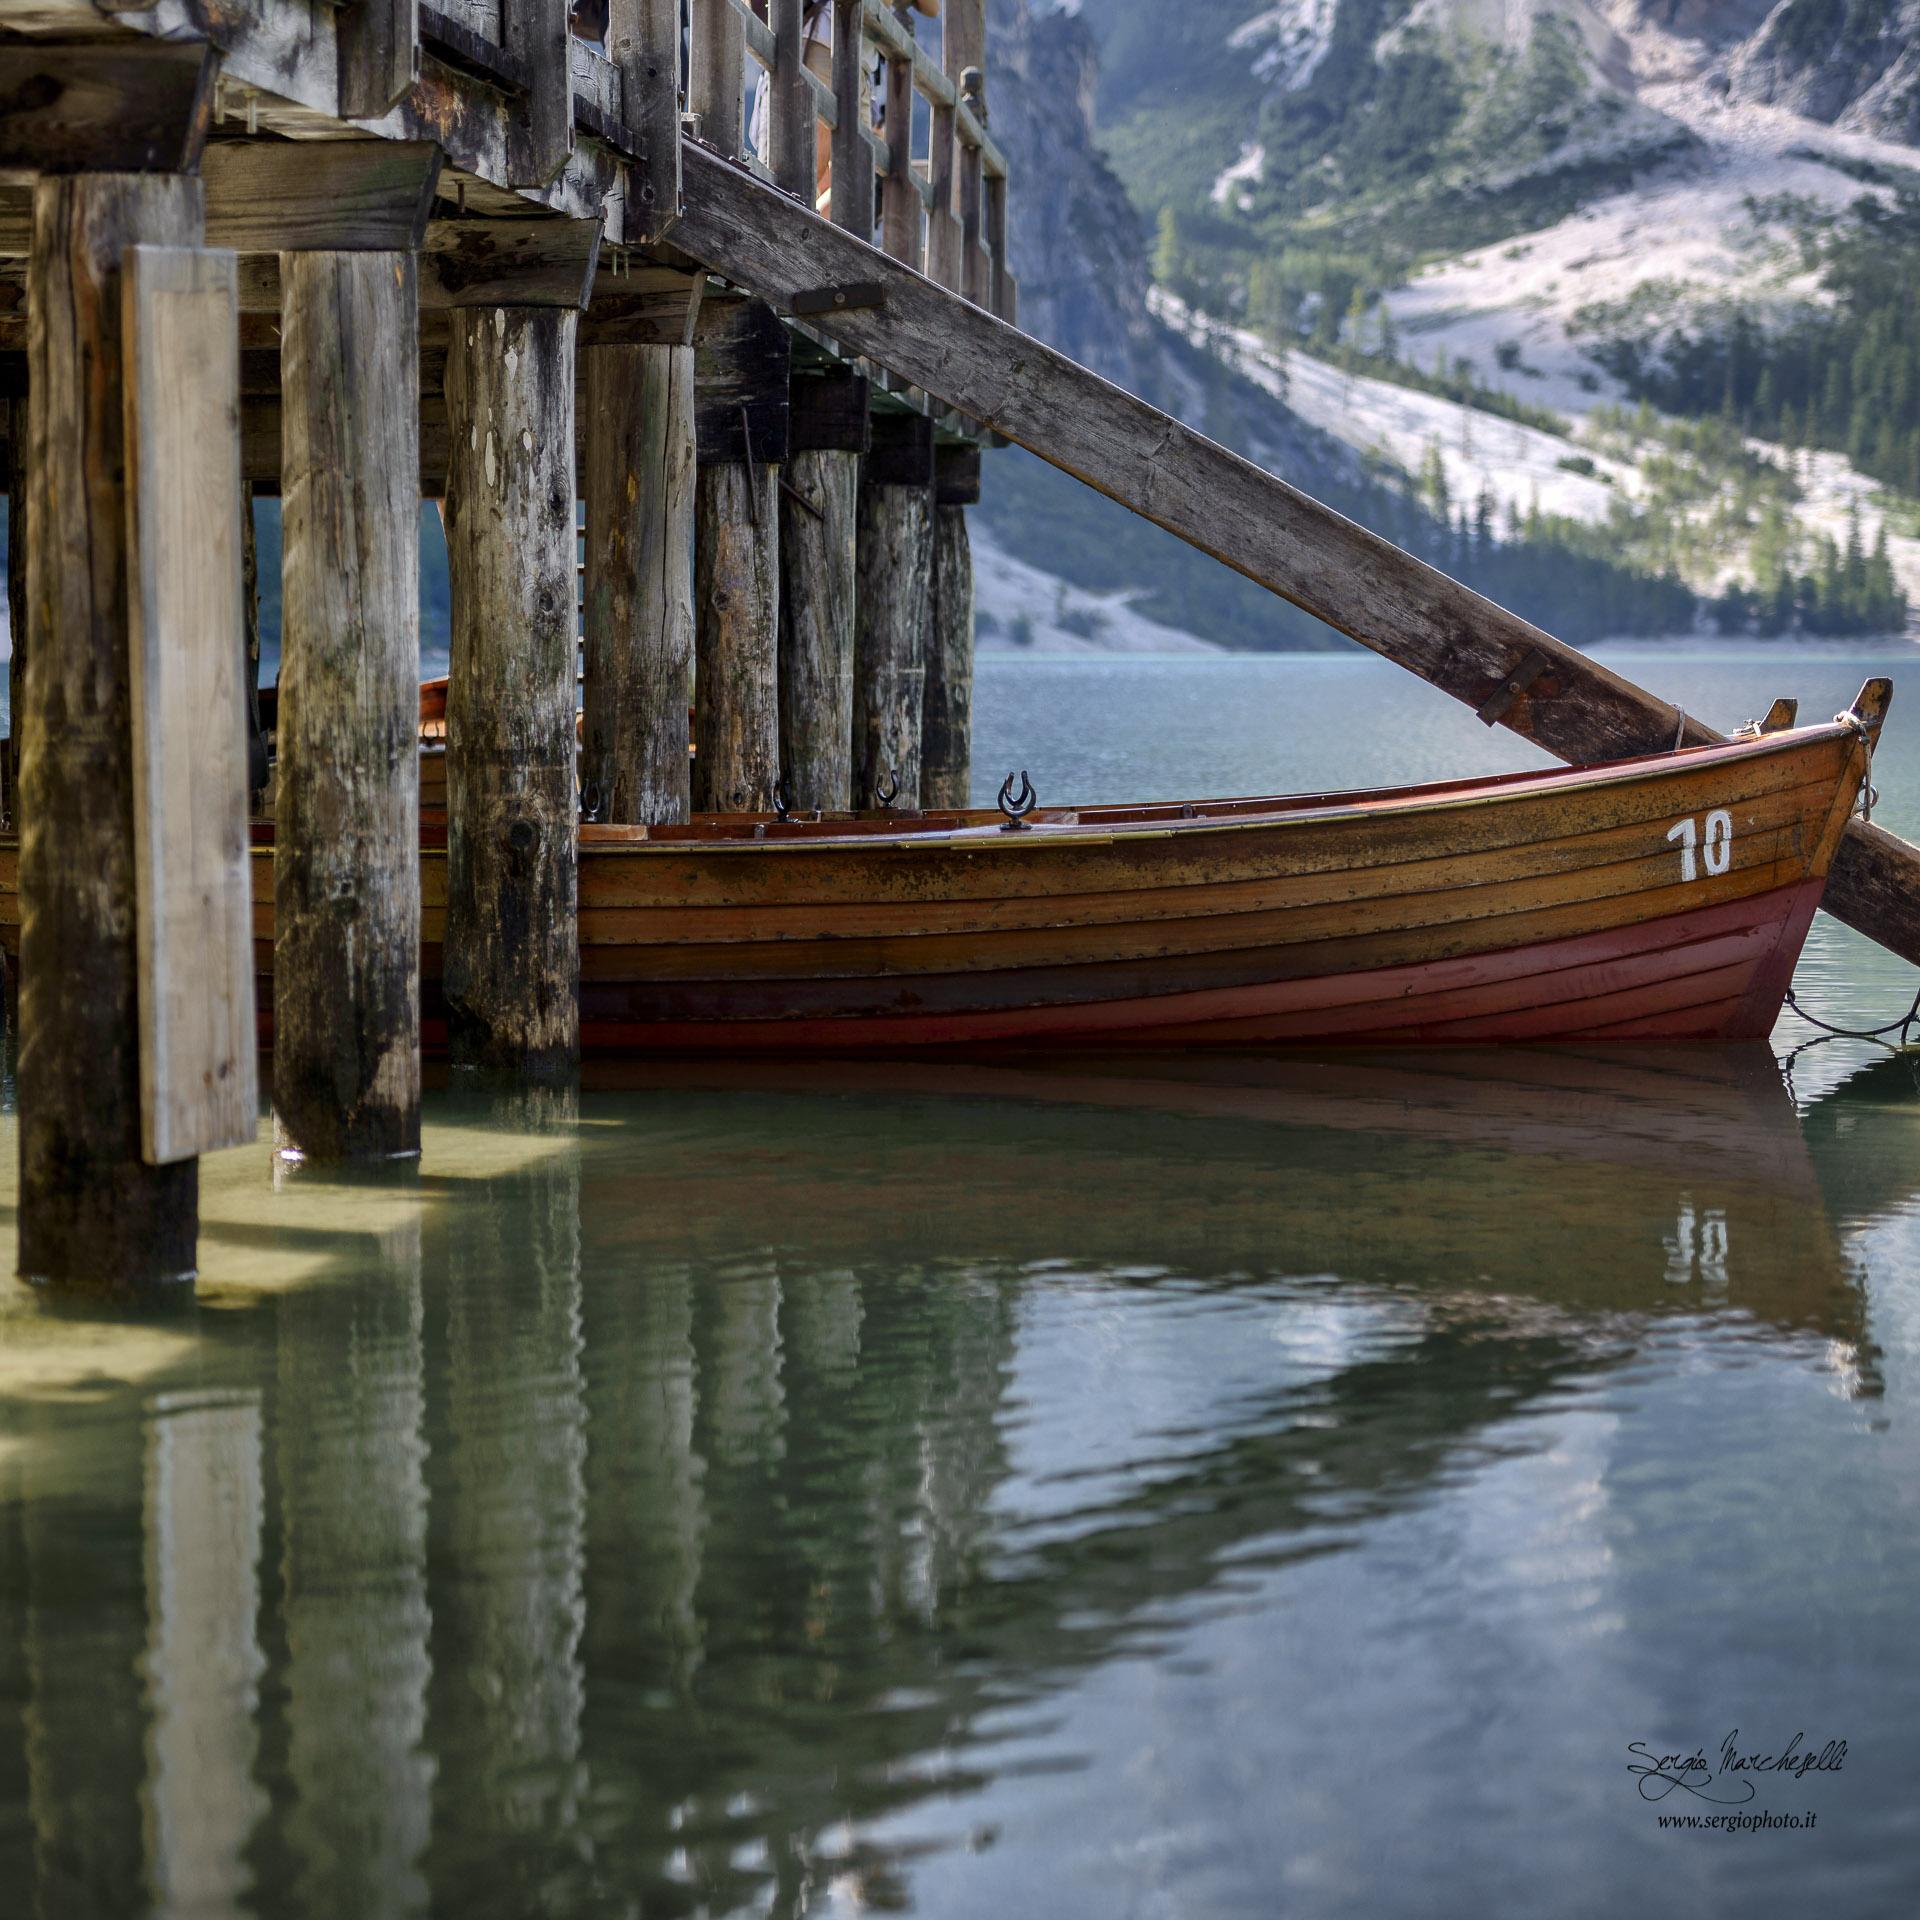 Braies' boat